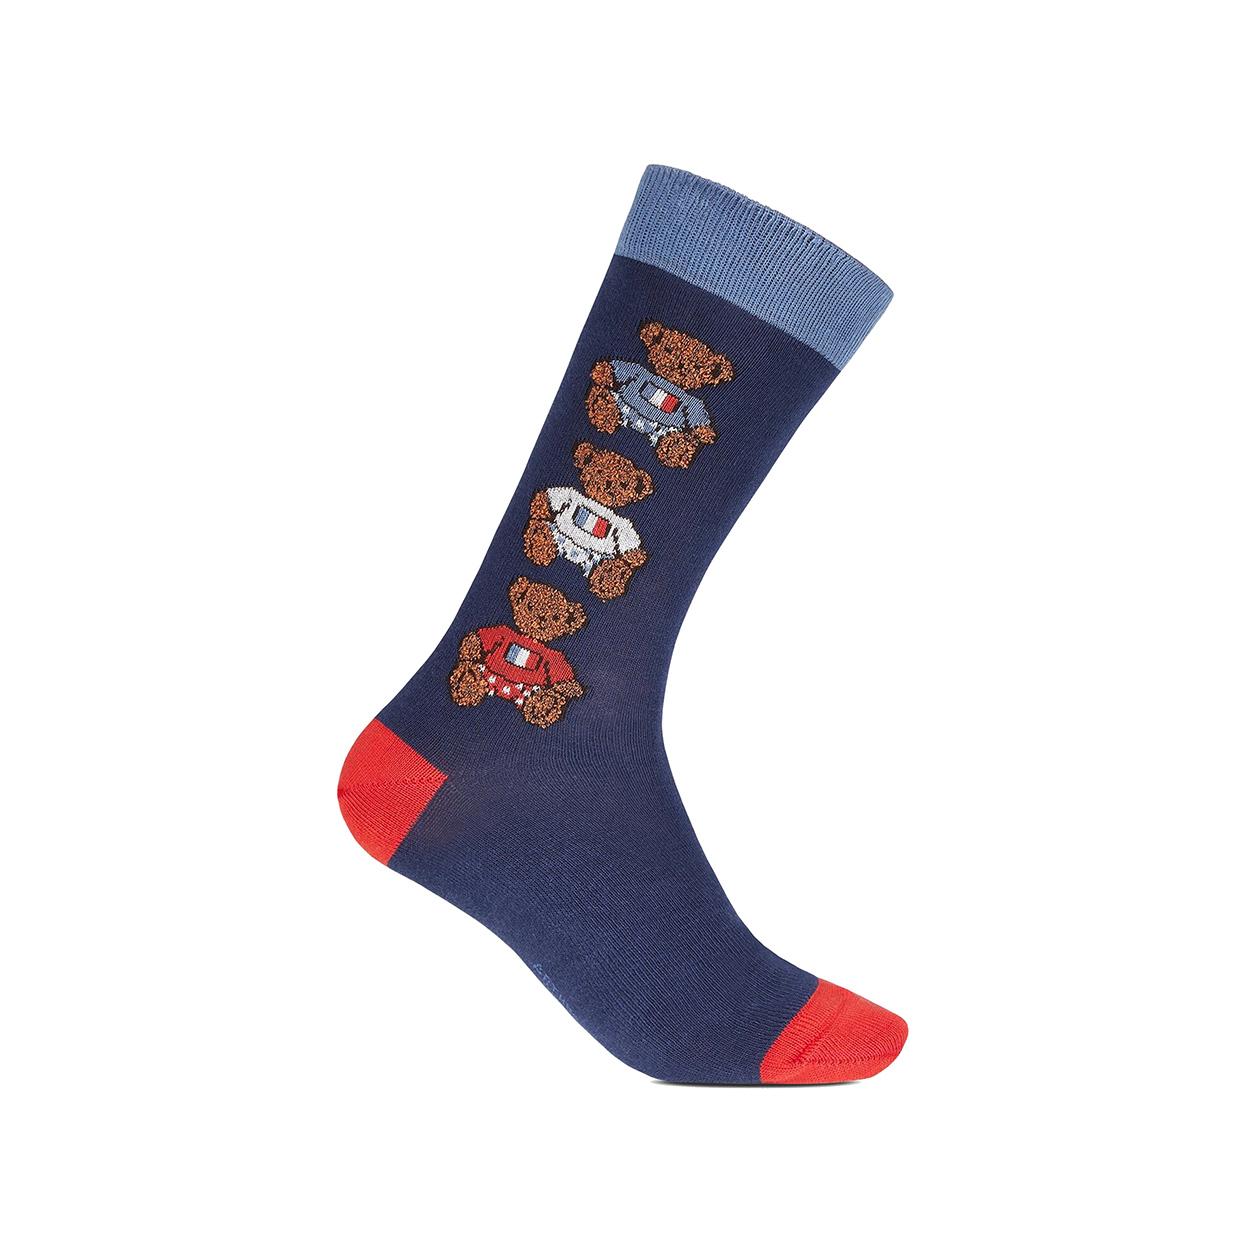 Chaussettes hautes  teddy en coton mélangé stretch bleu marine à motifs oursons